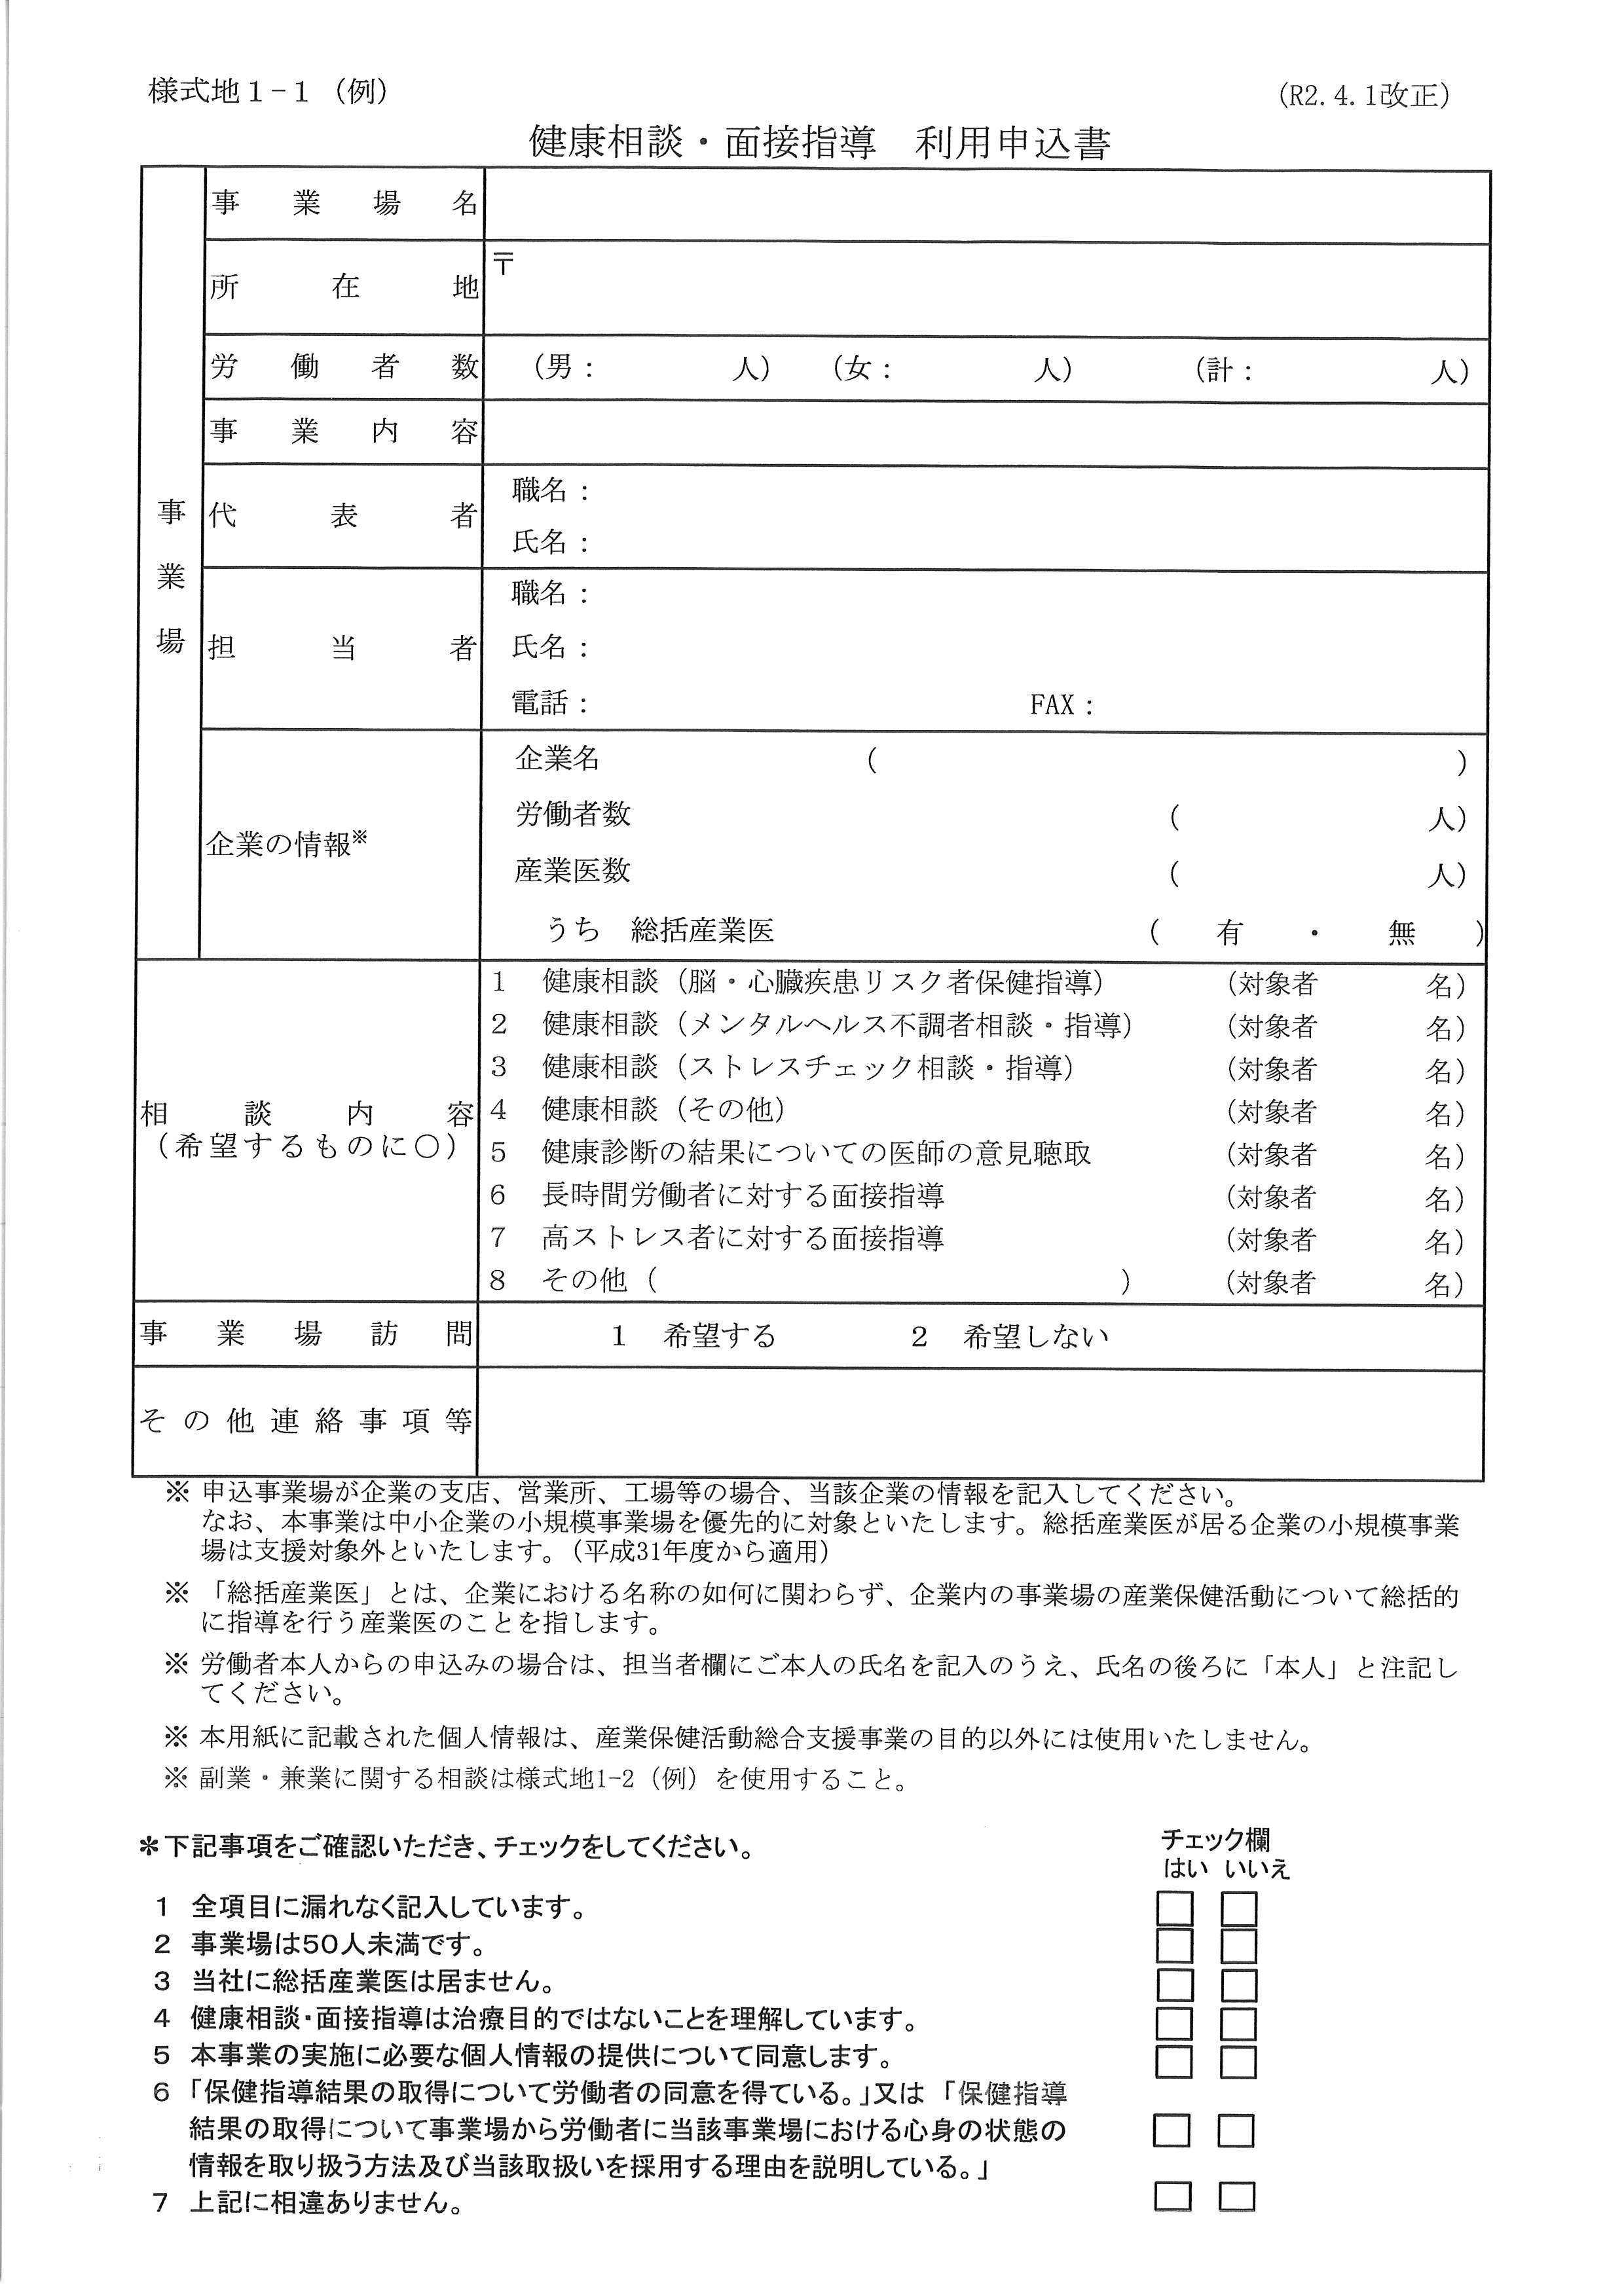 様式地1-1  健康相談・面接指導 利用申込書(R2.4.1改正)